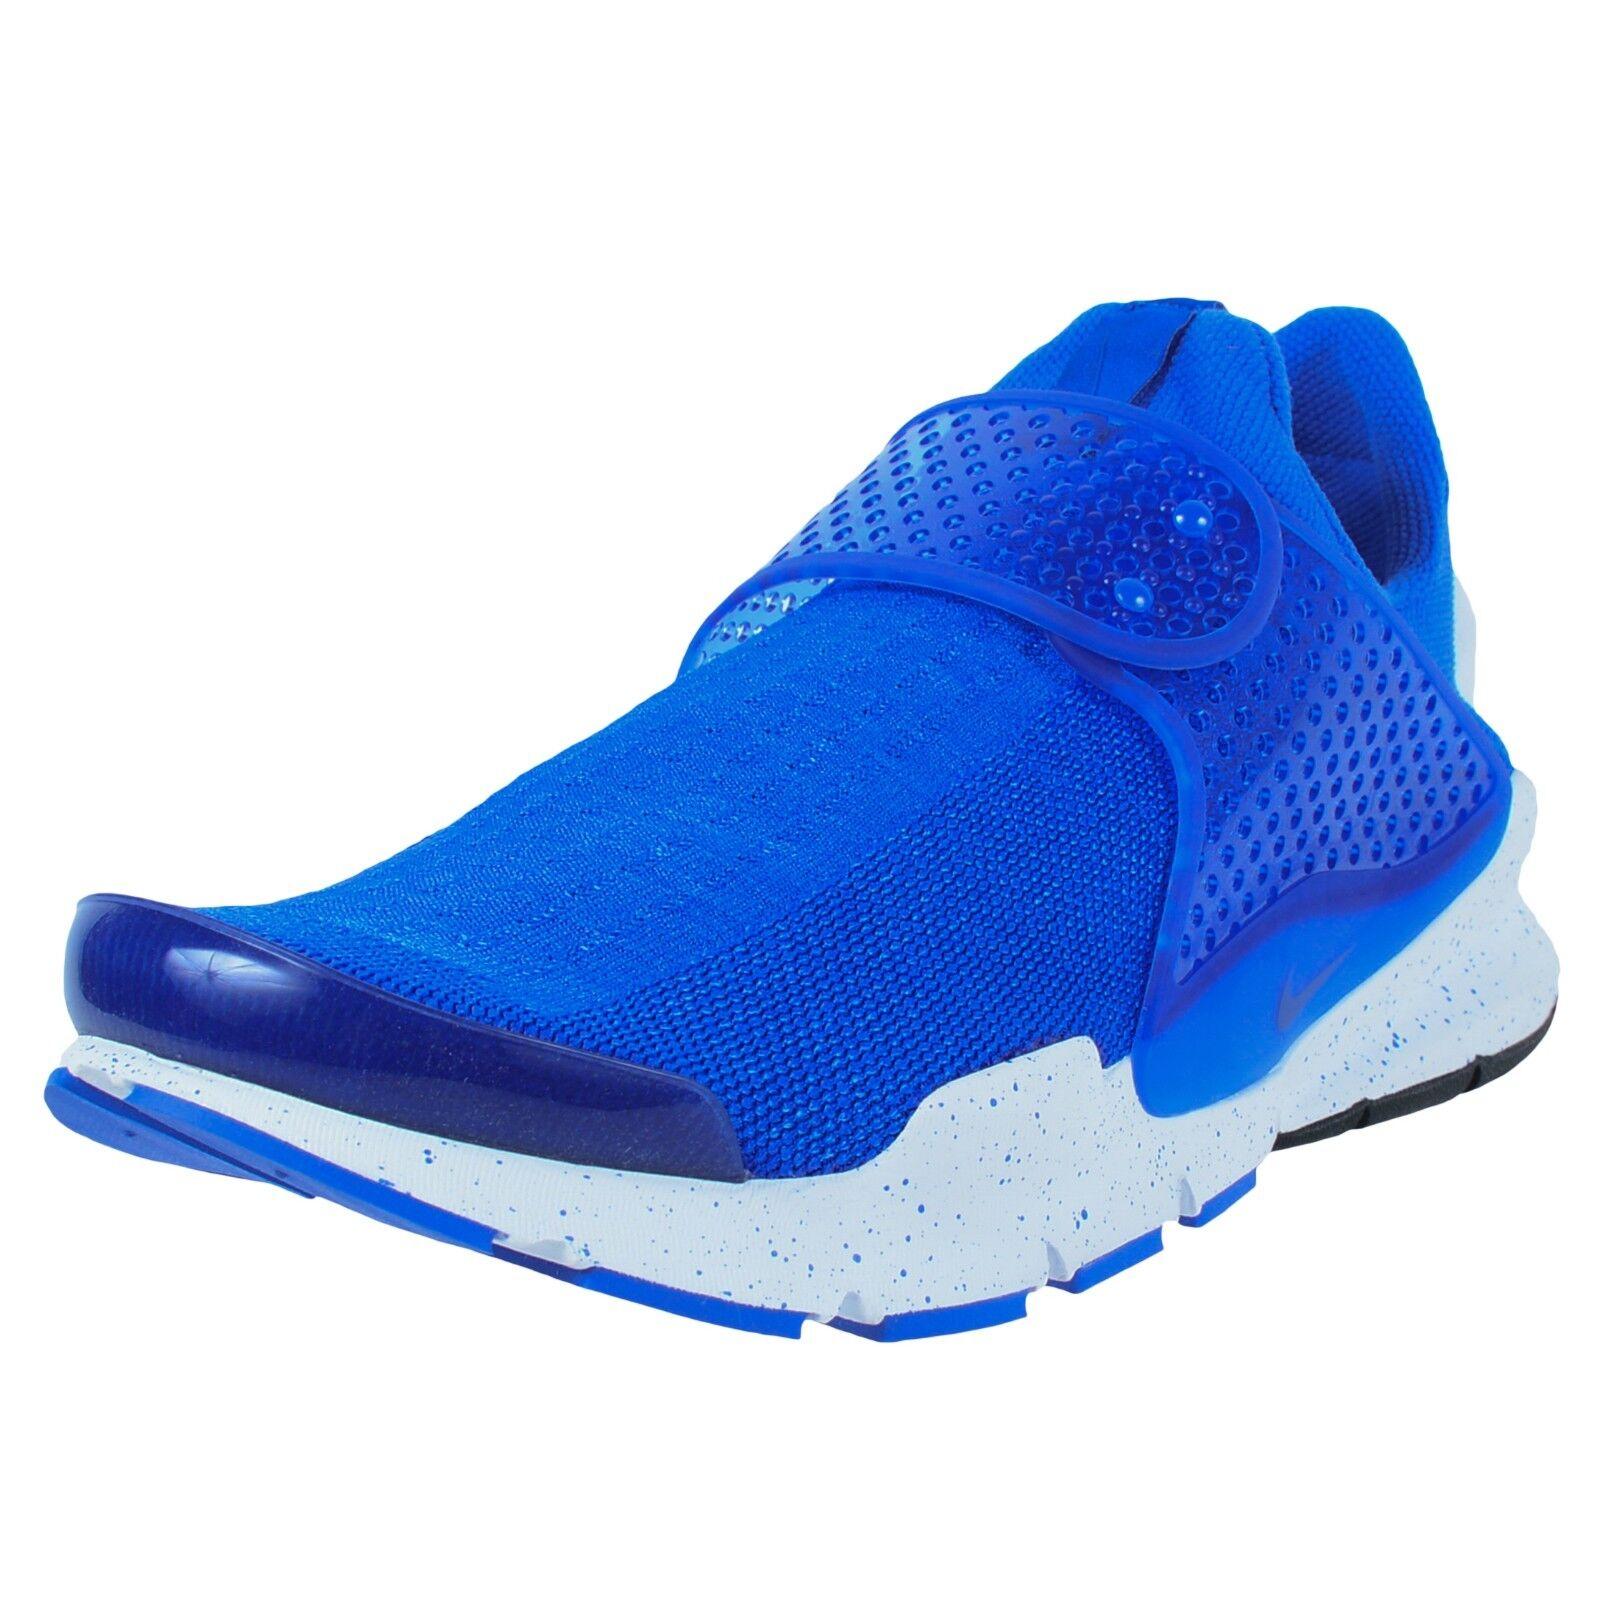 Nike sock dardo se occasionale in scarpe da ginnastica e racer blu racer bianco e ginnastica blu 833124 401 638497